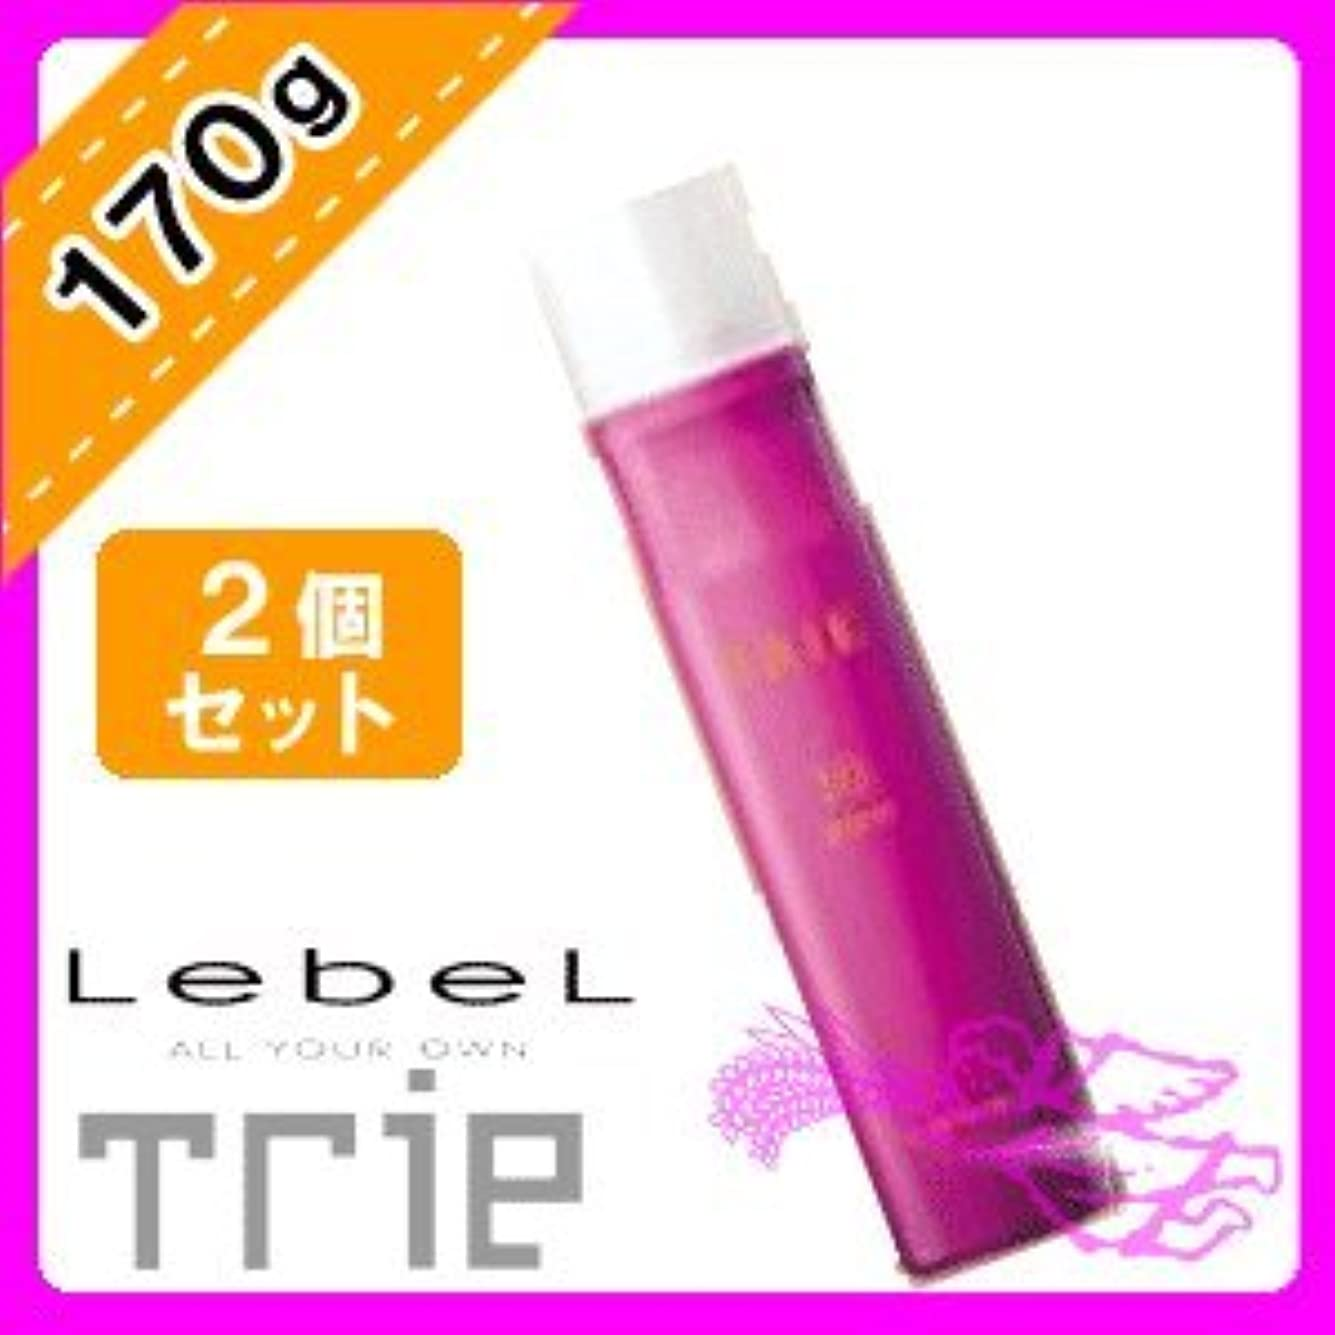 余暇約意図的ルベル トリエ スプレー10 170g ×2個セット Lebel Trie スタイリング